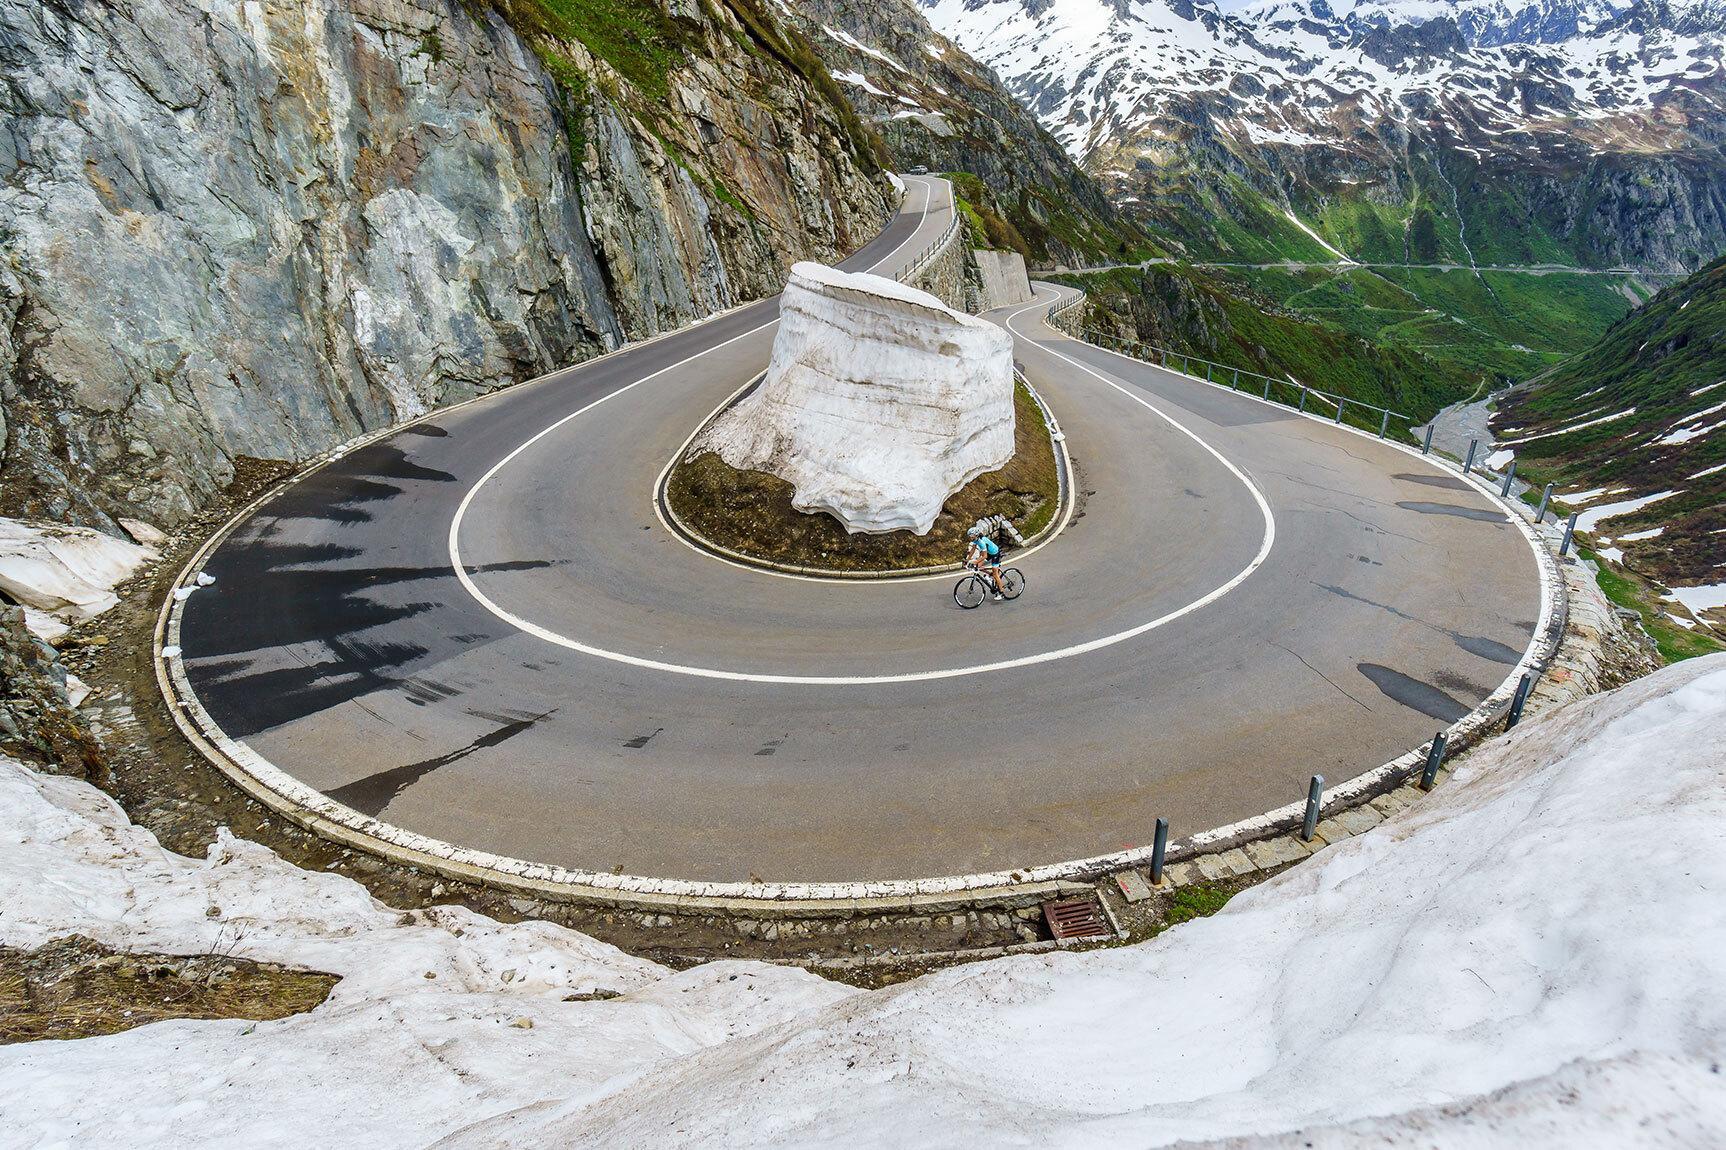 Impressionante Svizzera